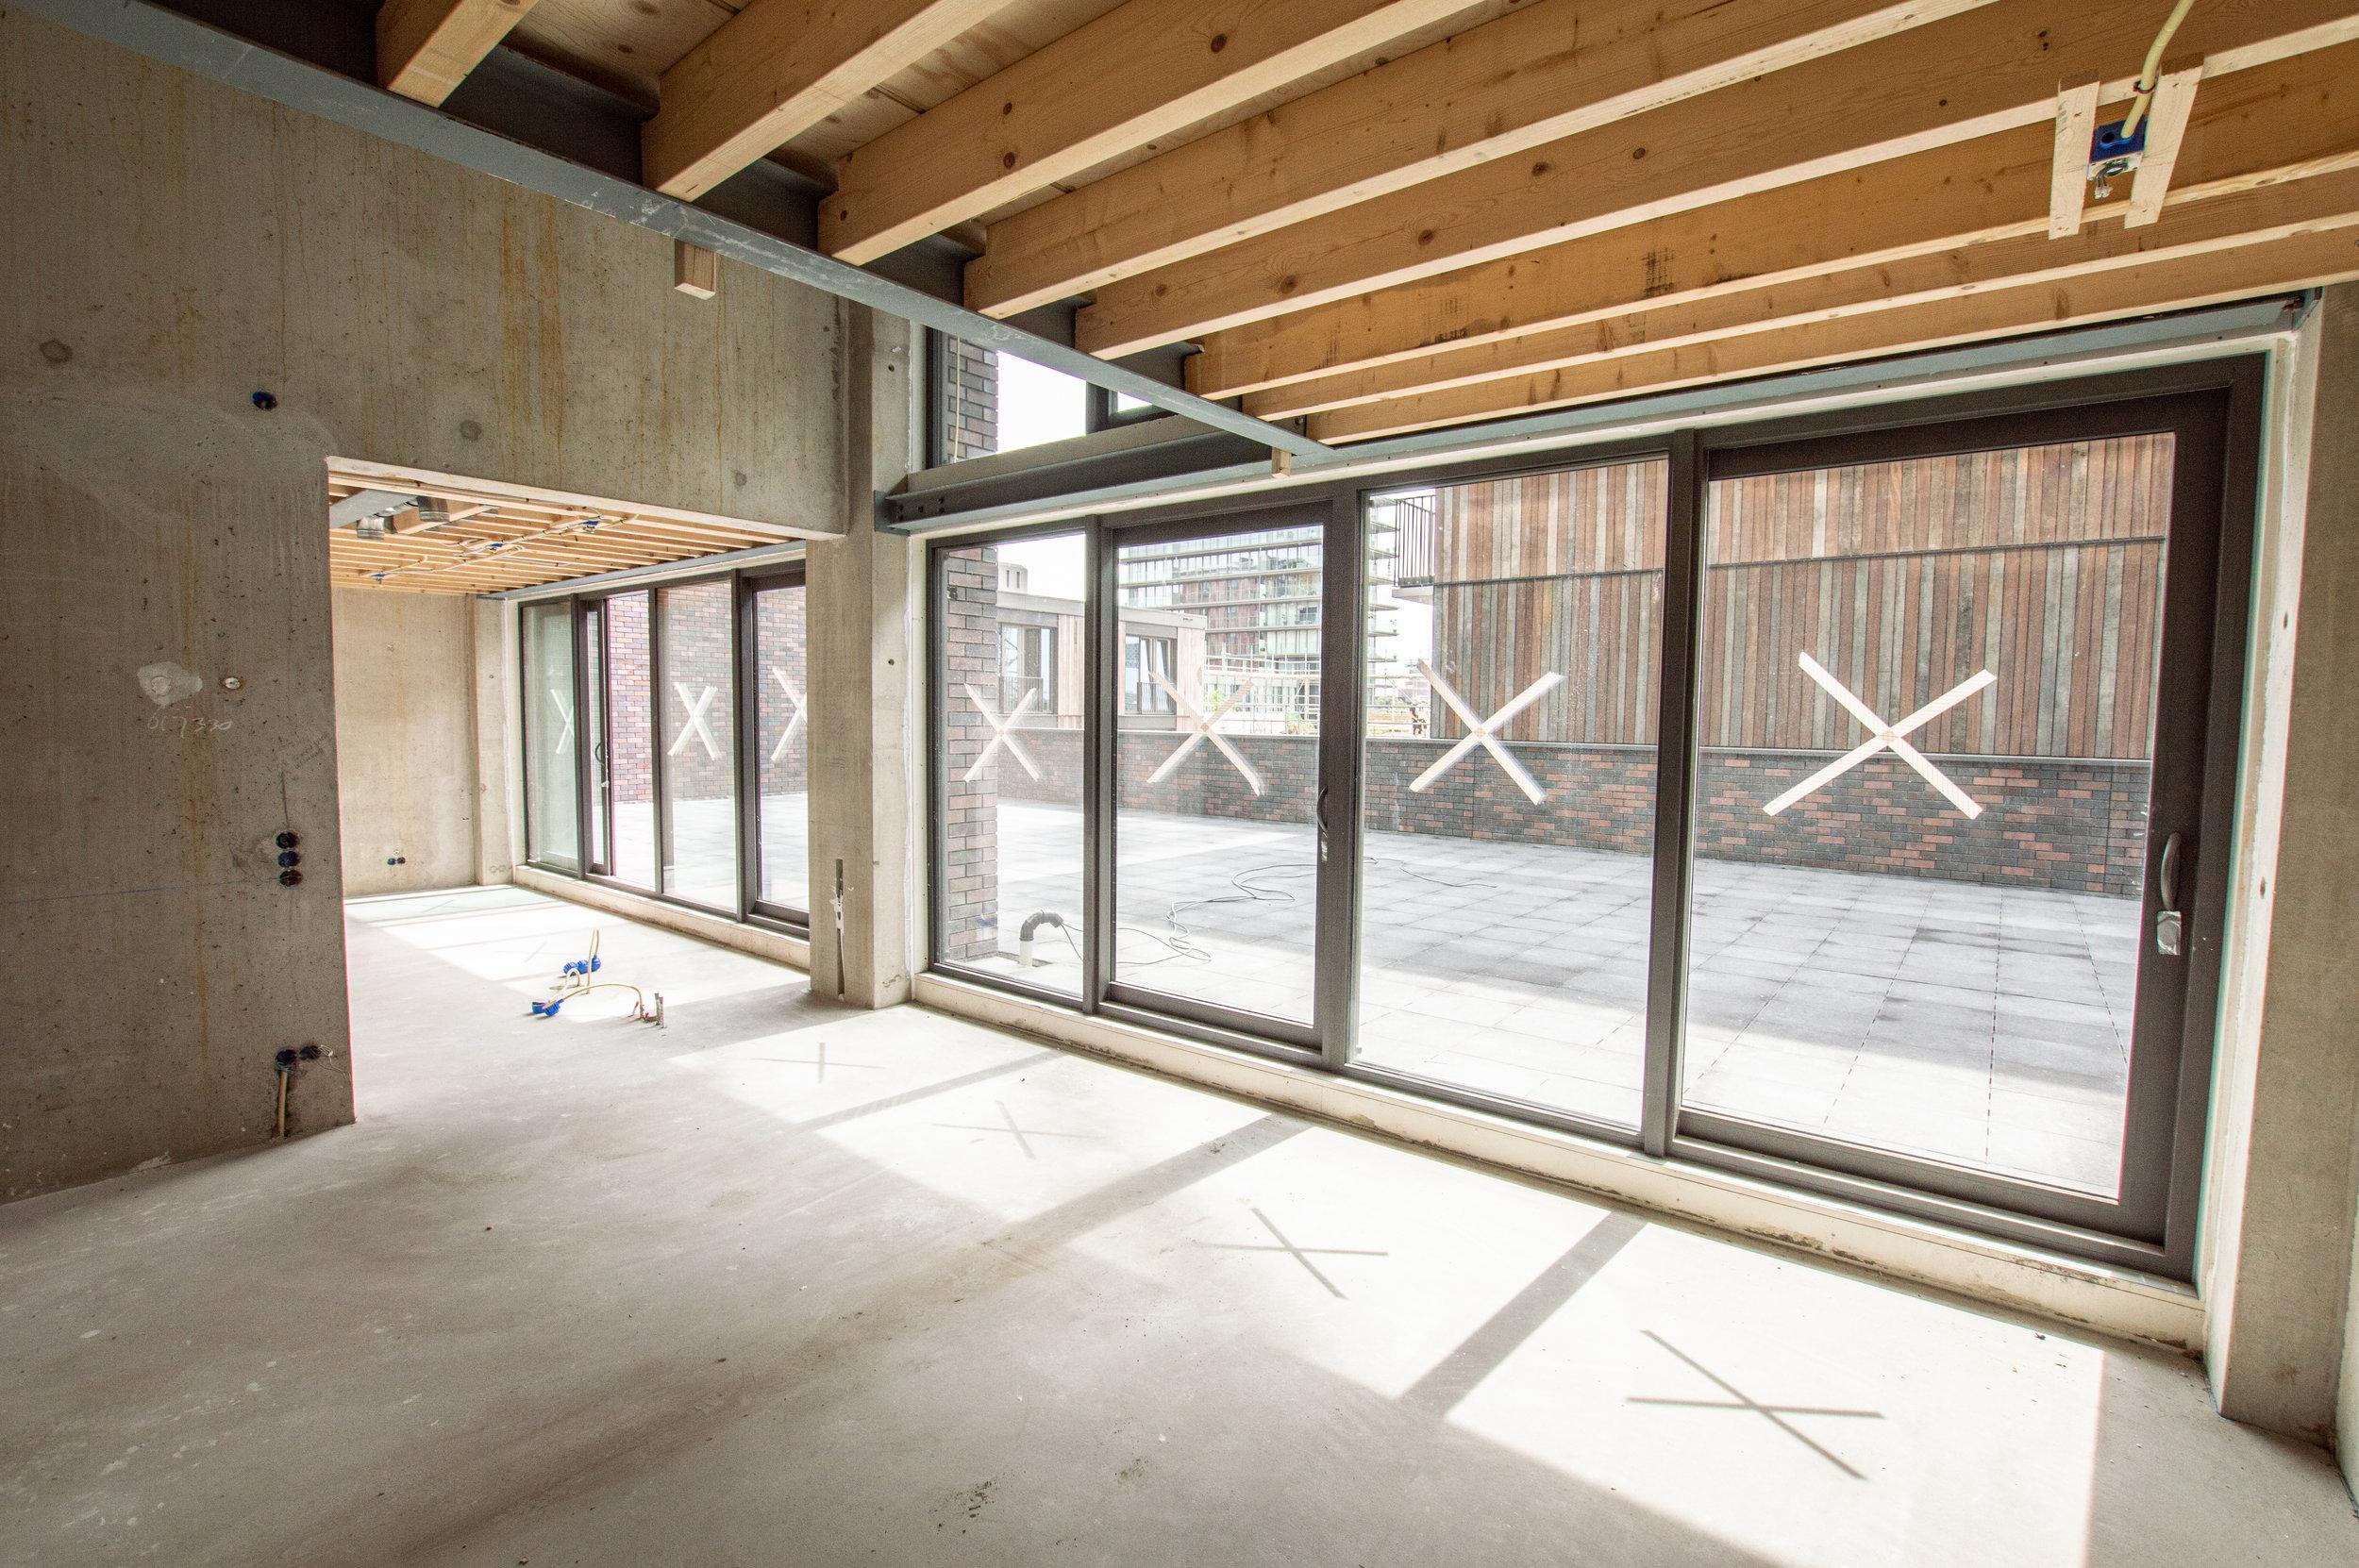 glazen pui in loftwoning met betonnen wand en betonvloer